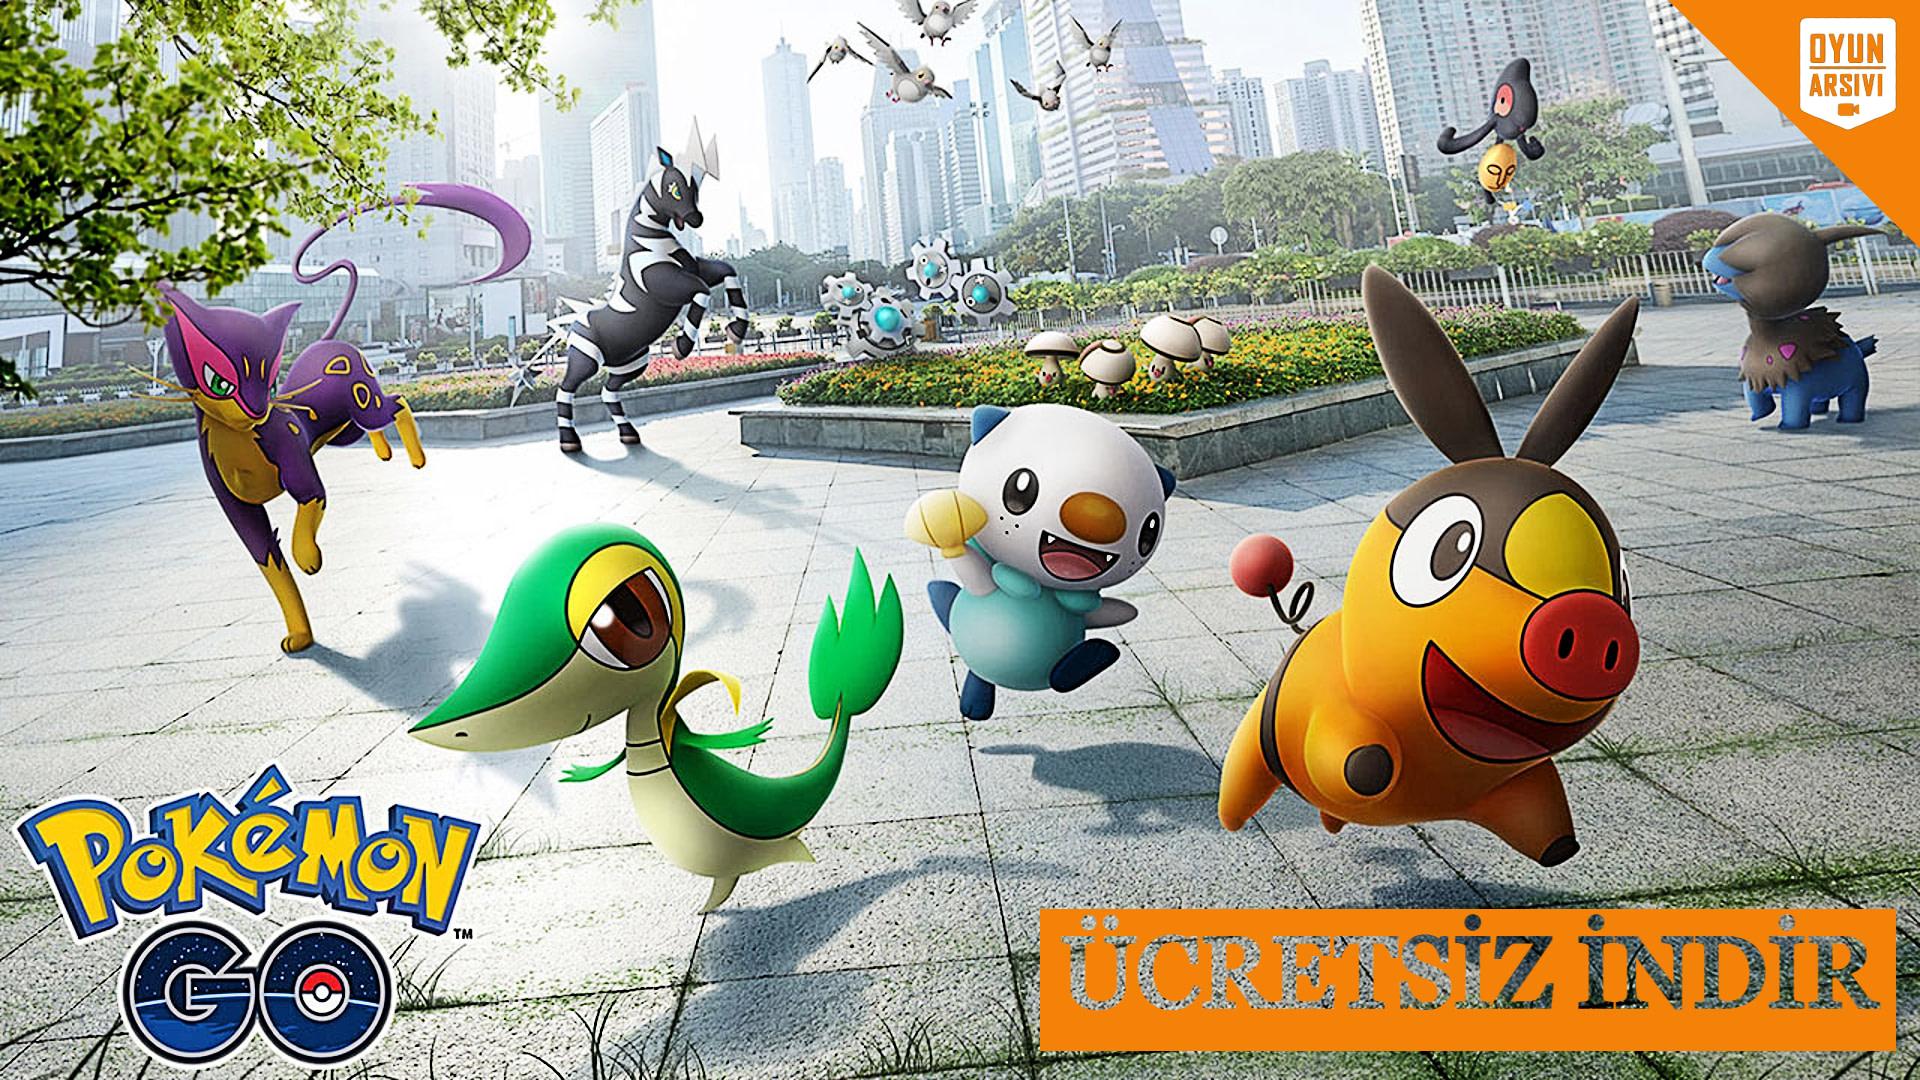 Pokémon GO İndir OA Oyun Arşivi